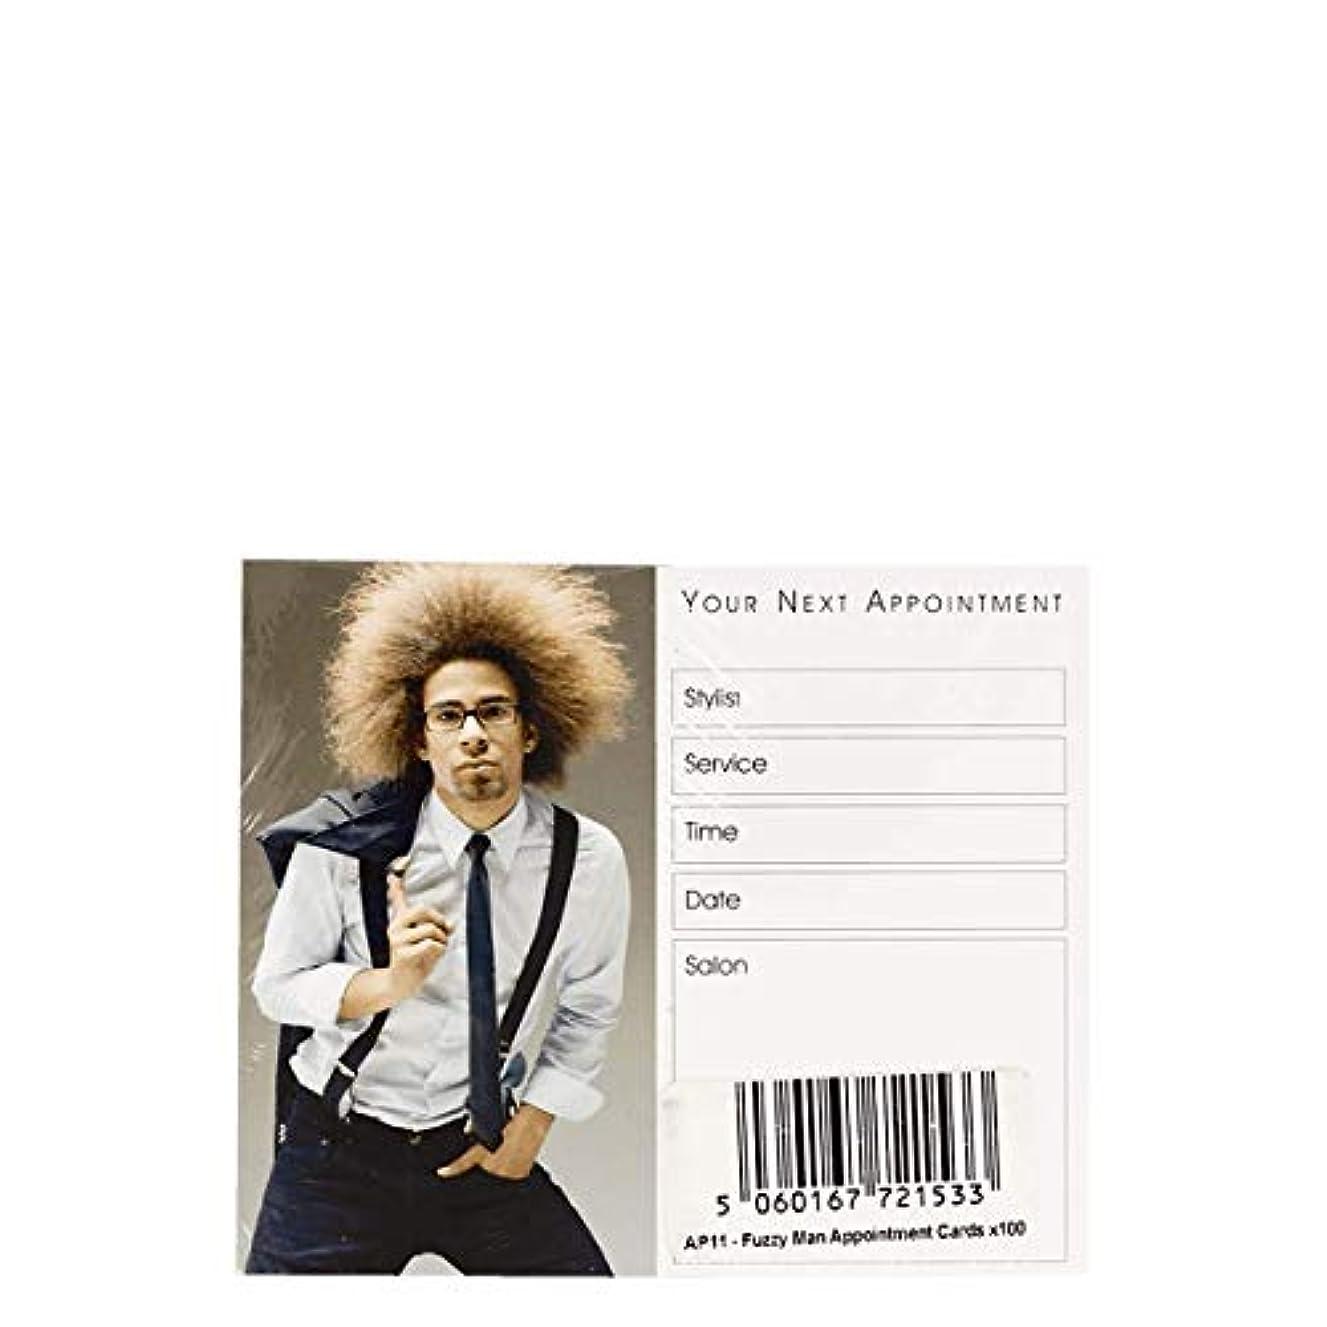 高潔な満足できる冊子アポイントメントカード Appointment Cards- AP11 FUZZY MAN CARDS x100[海外直送品] [並行輸入品]